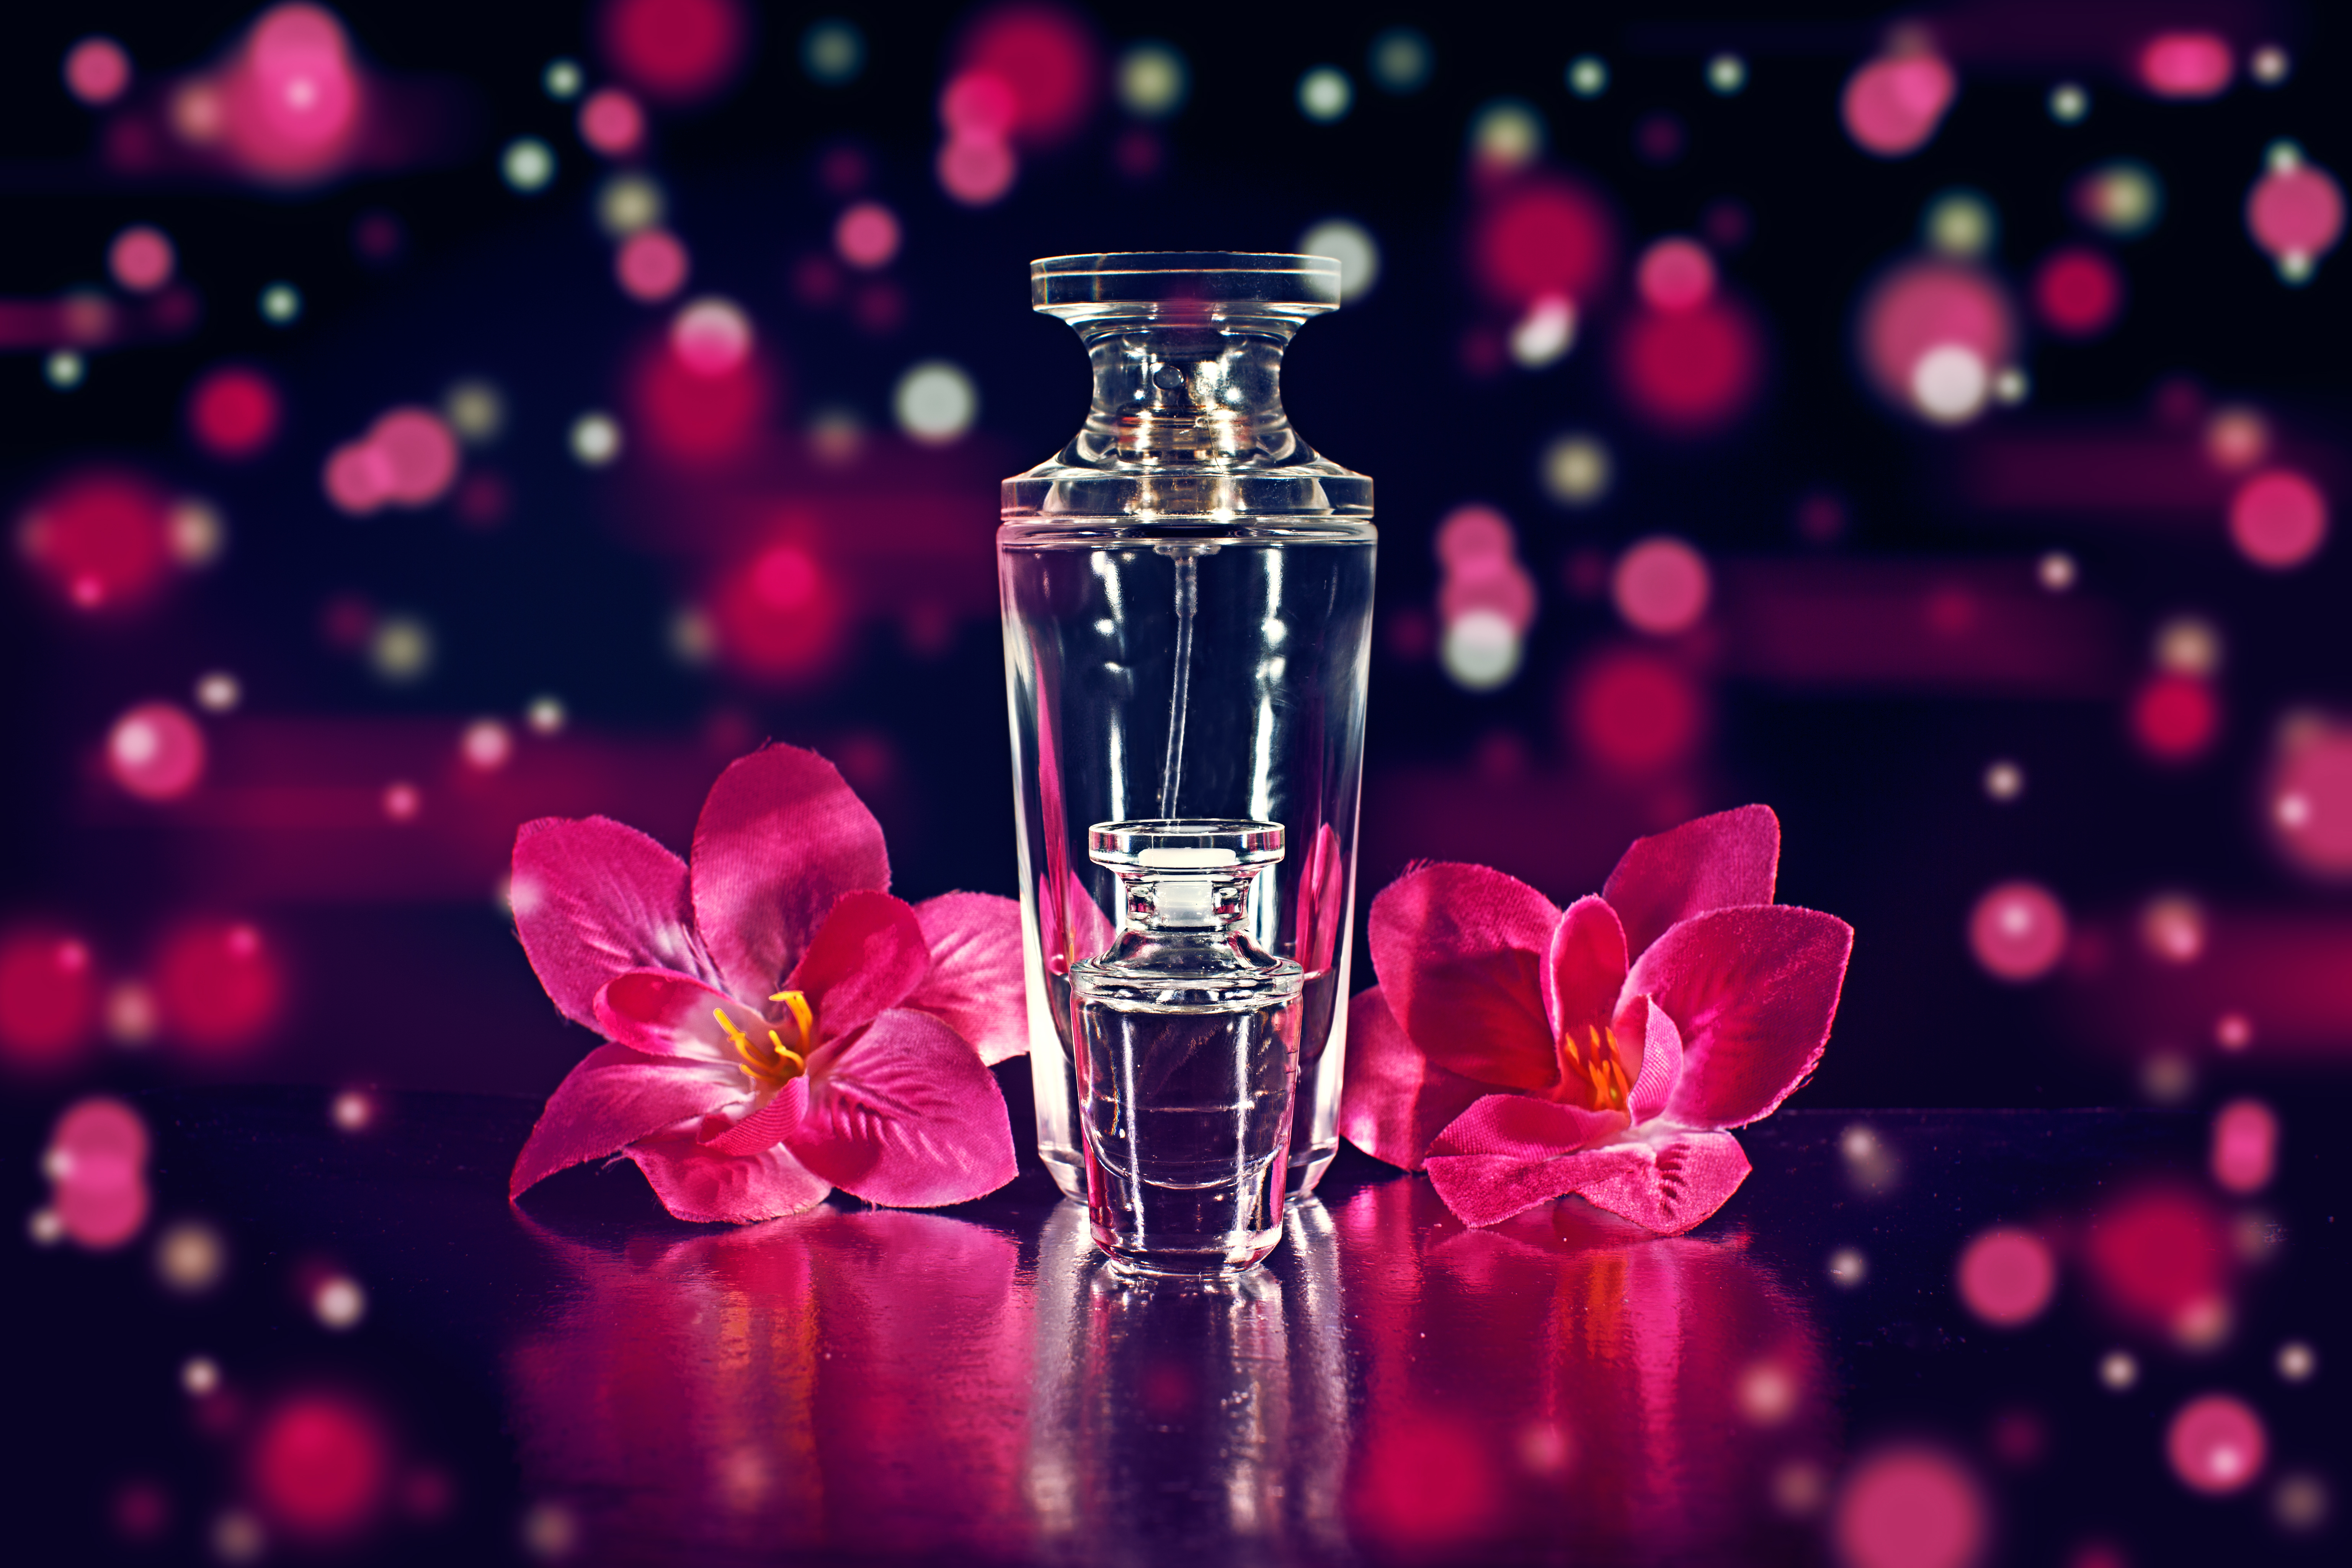 Красивые картинки парфюм для сайта